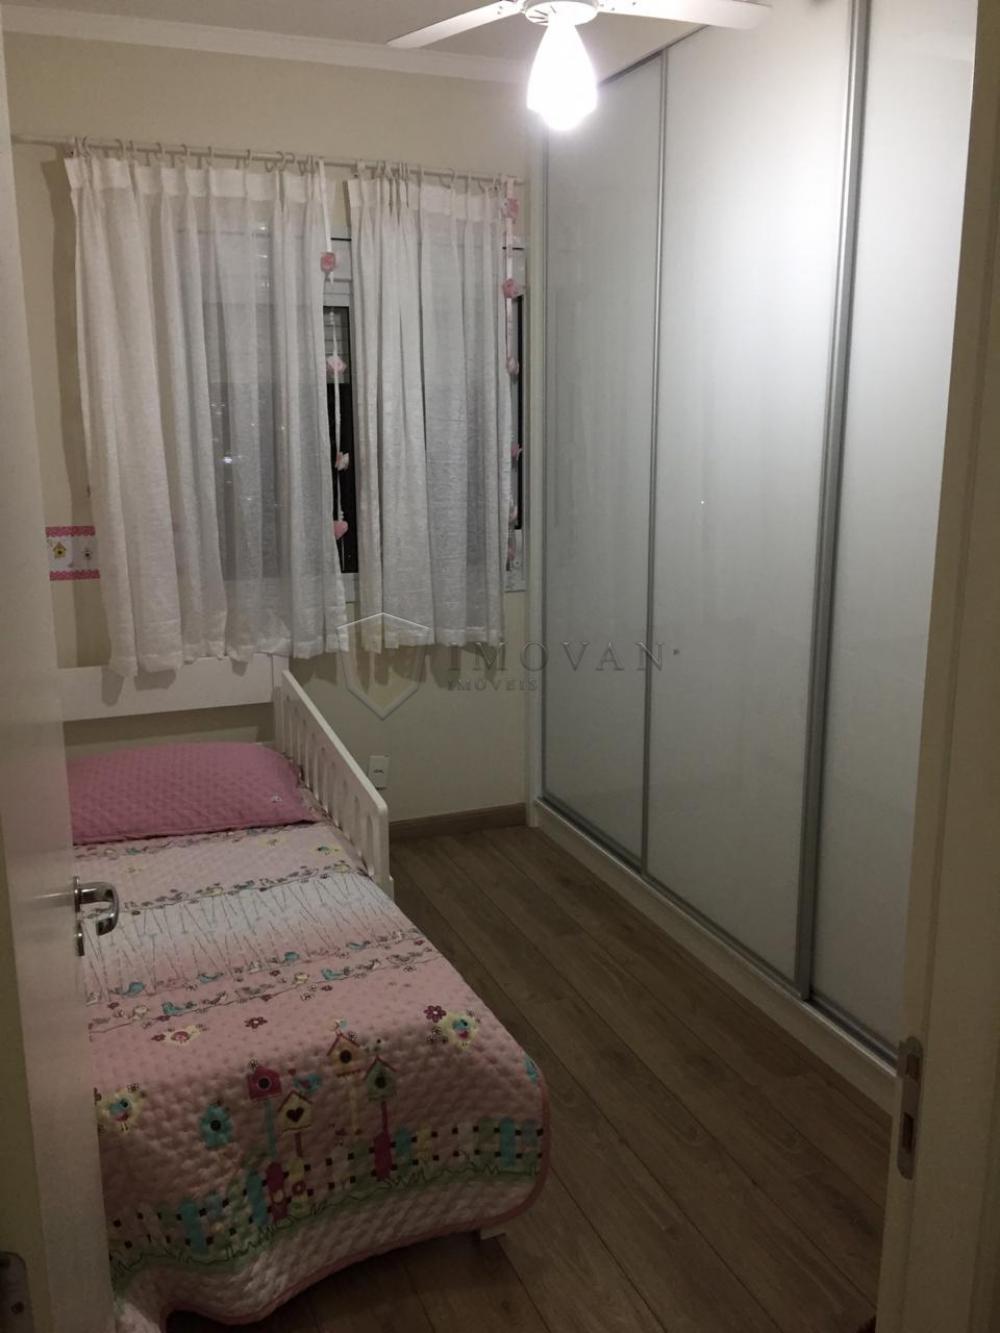 Comprar Apartamento / Padrão em Ribeirão Preto apenas R$ 550.000,00 - Foto 20